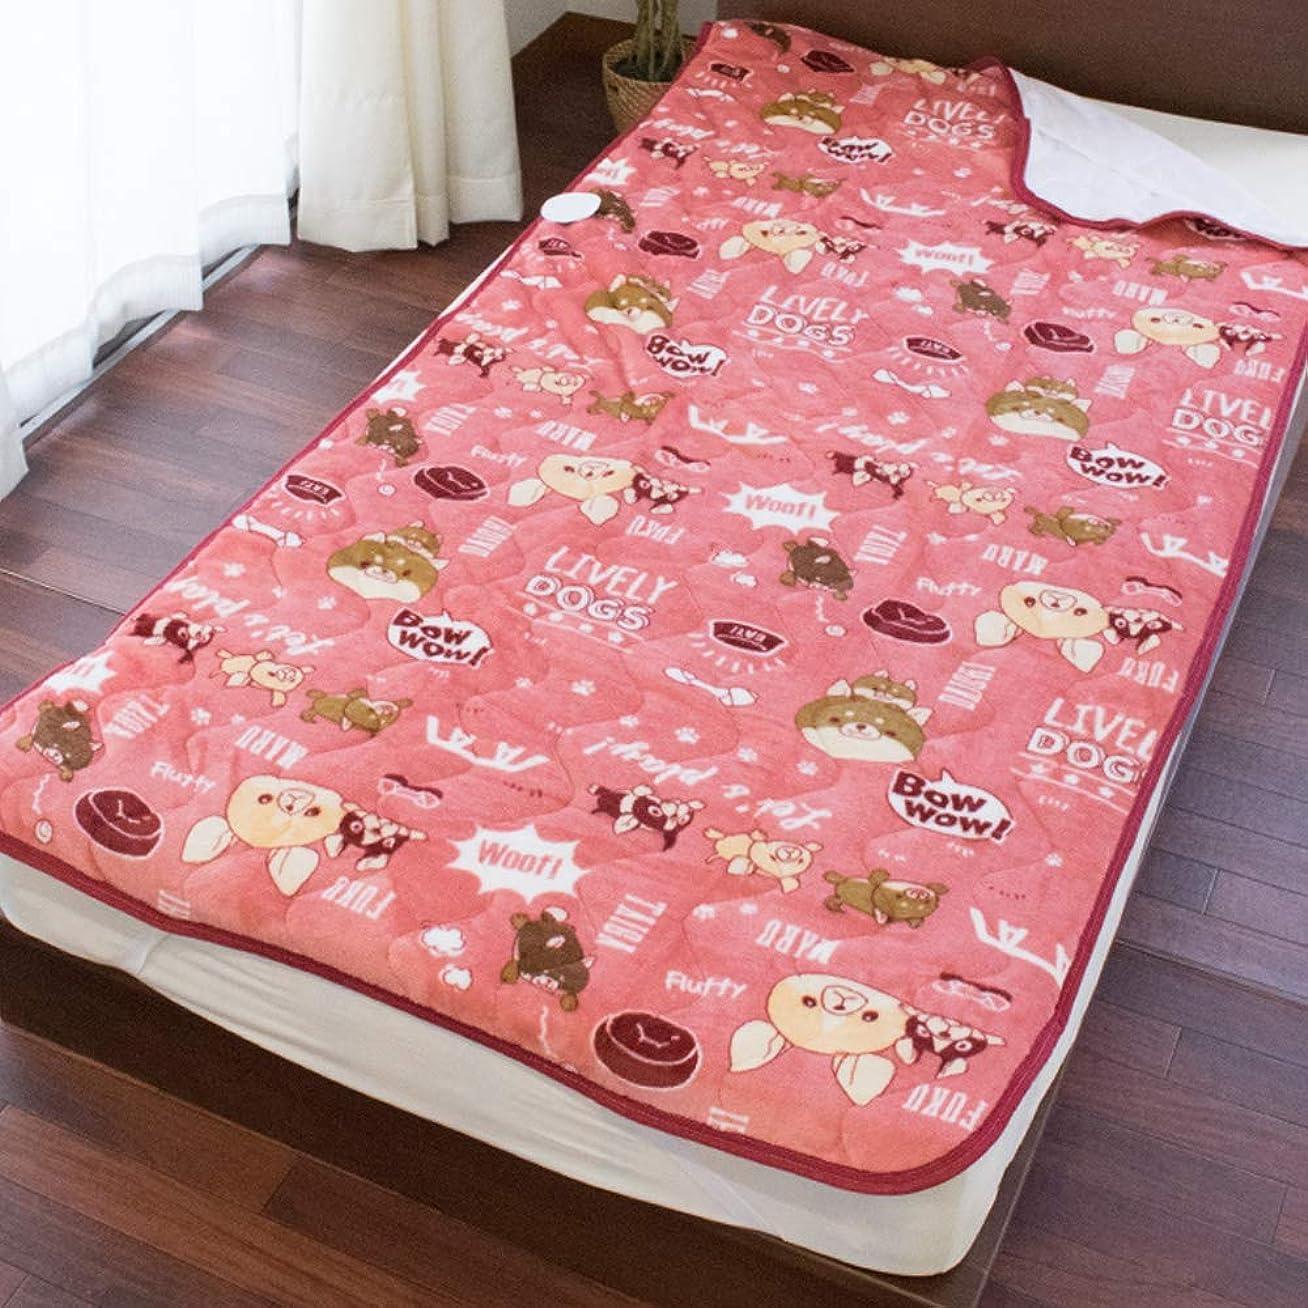 ポジション俳句匿名あったか 敷きパッド シングル 冬用 洗える 「モフトピア DOGS」 ピンク フランネル あったか 冬 かわいい 四隅ゴム付き 毛布敷きパッド 敷き毛布 100×205cm